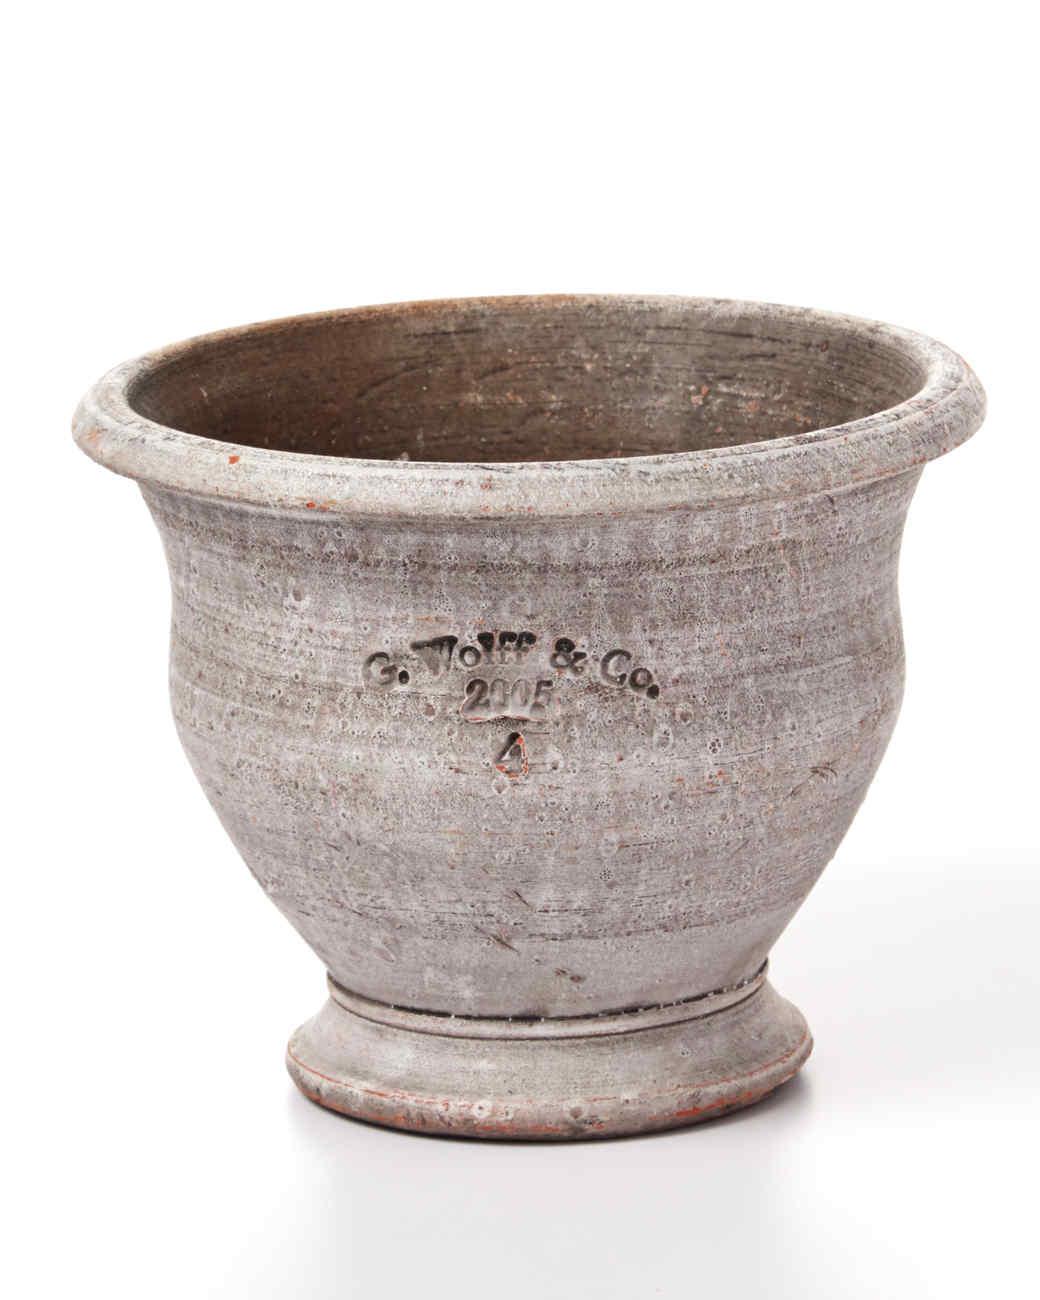 garden-basket-pot-3735-d112789-0116.jpg